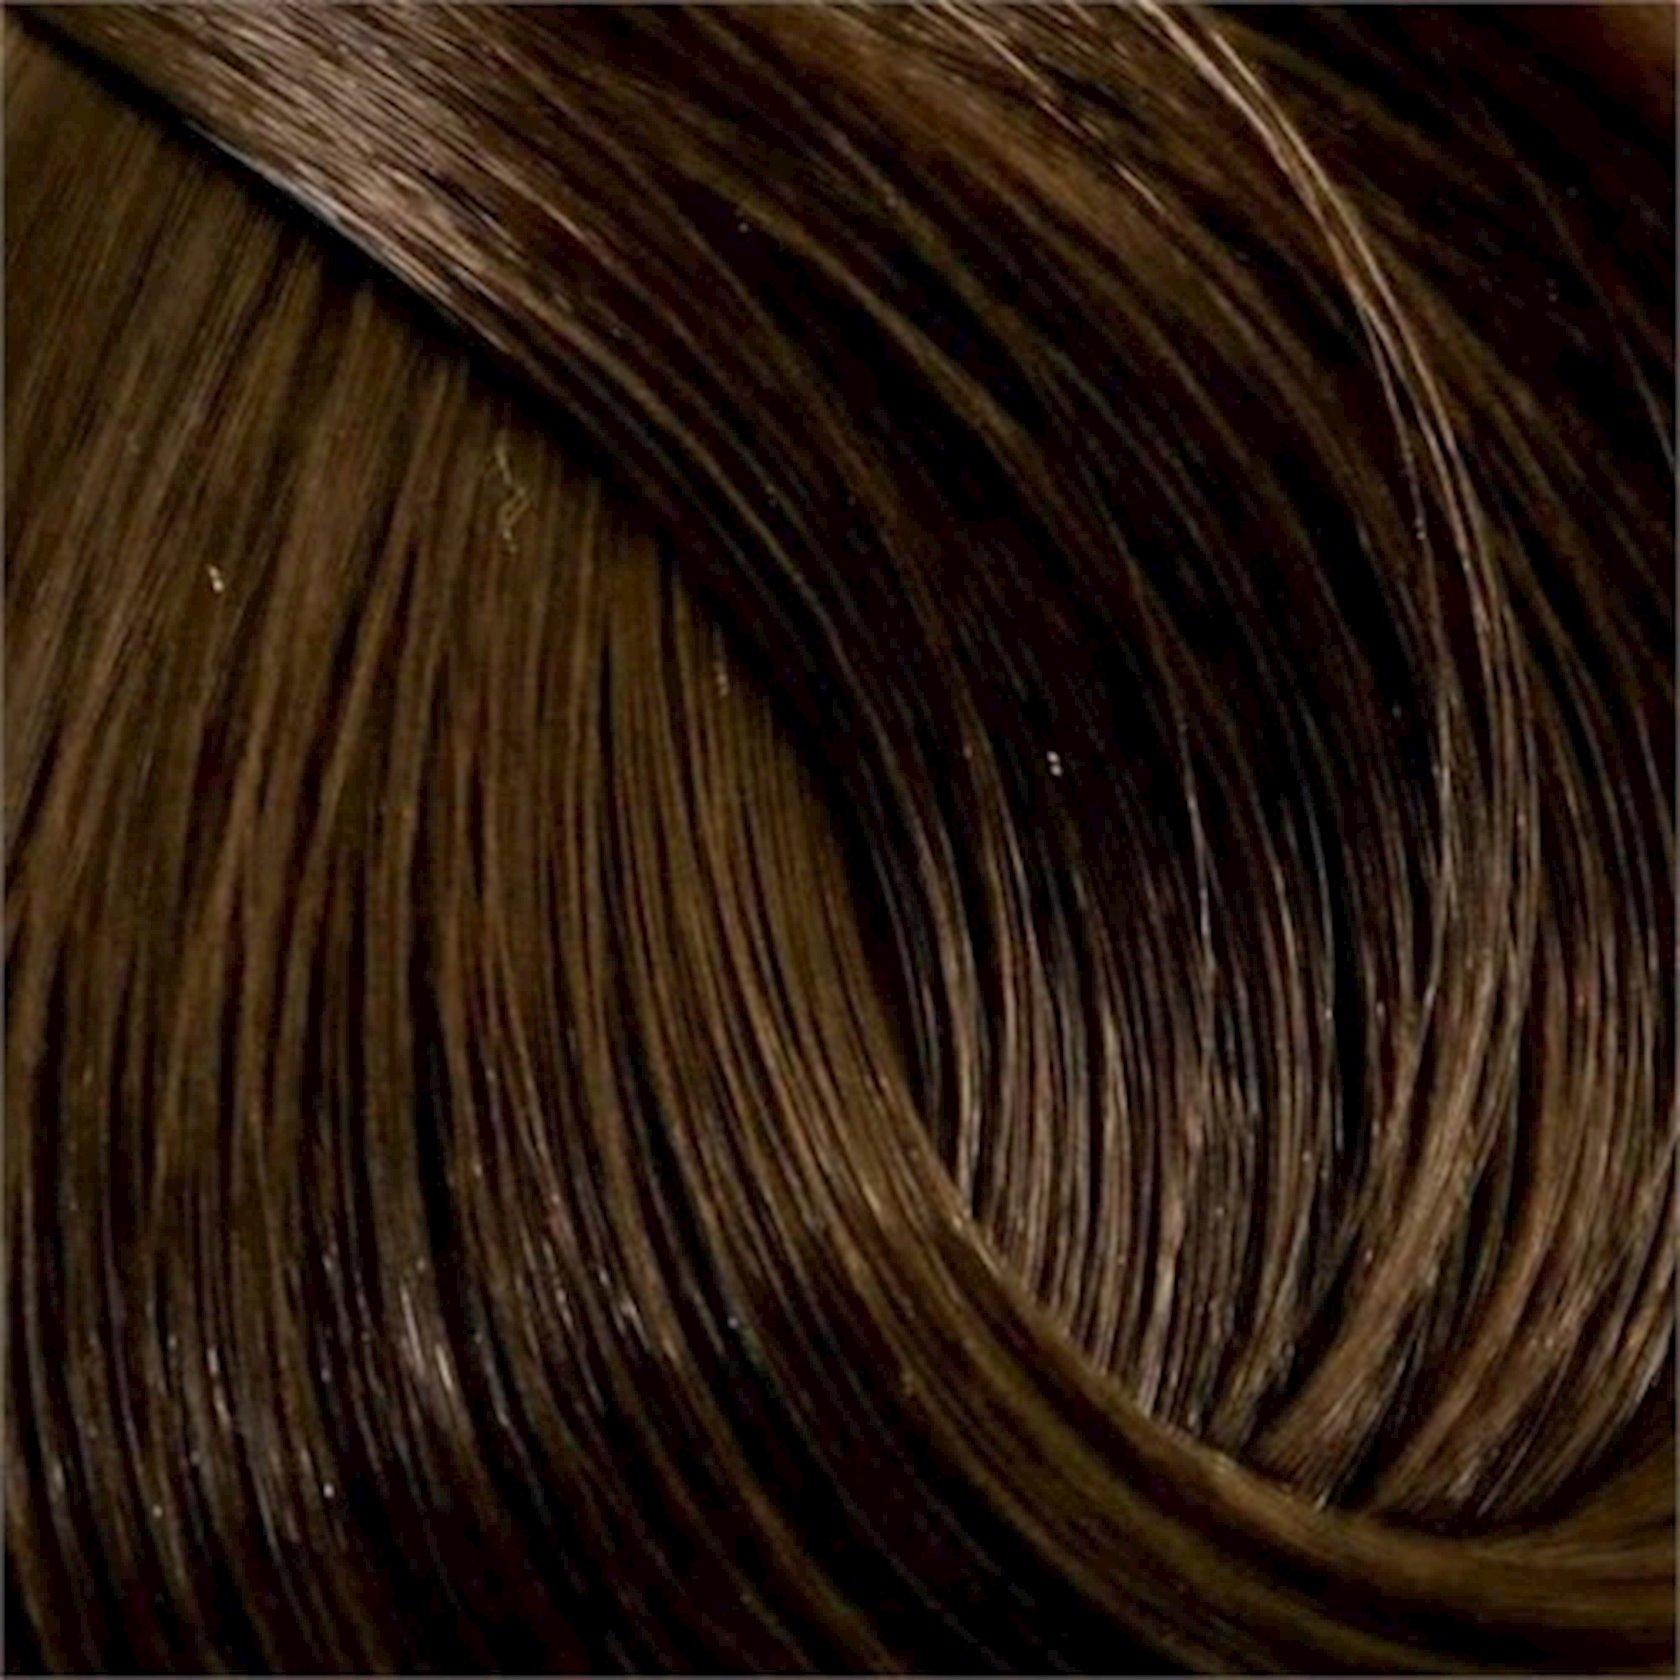 Saç üçün qalıcı krem boya Exicolor Permanent Hair Color Cream 100 ml №5.79 Yoğun Tütün, Sıx tütün